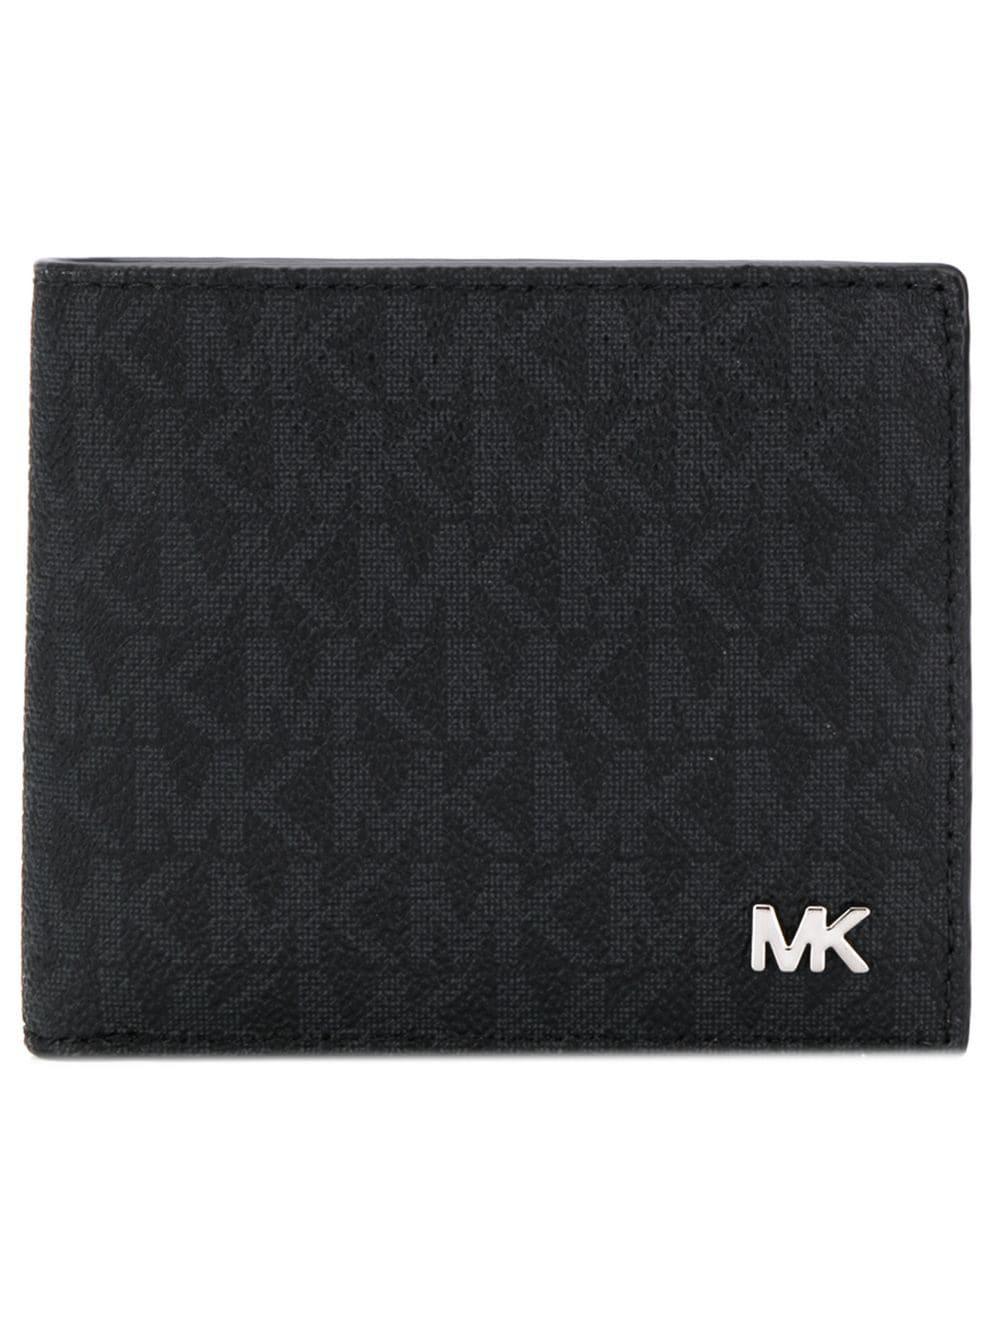 1af0a16f781f Michael Michael Kors Jet Set Bifold Wallet - Black | ModeSens